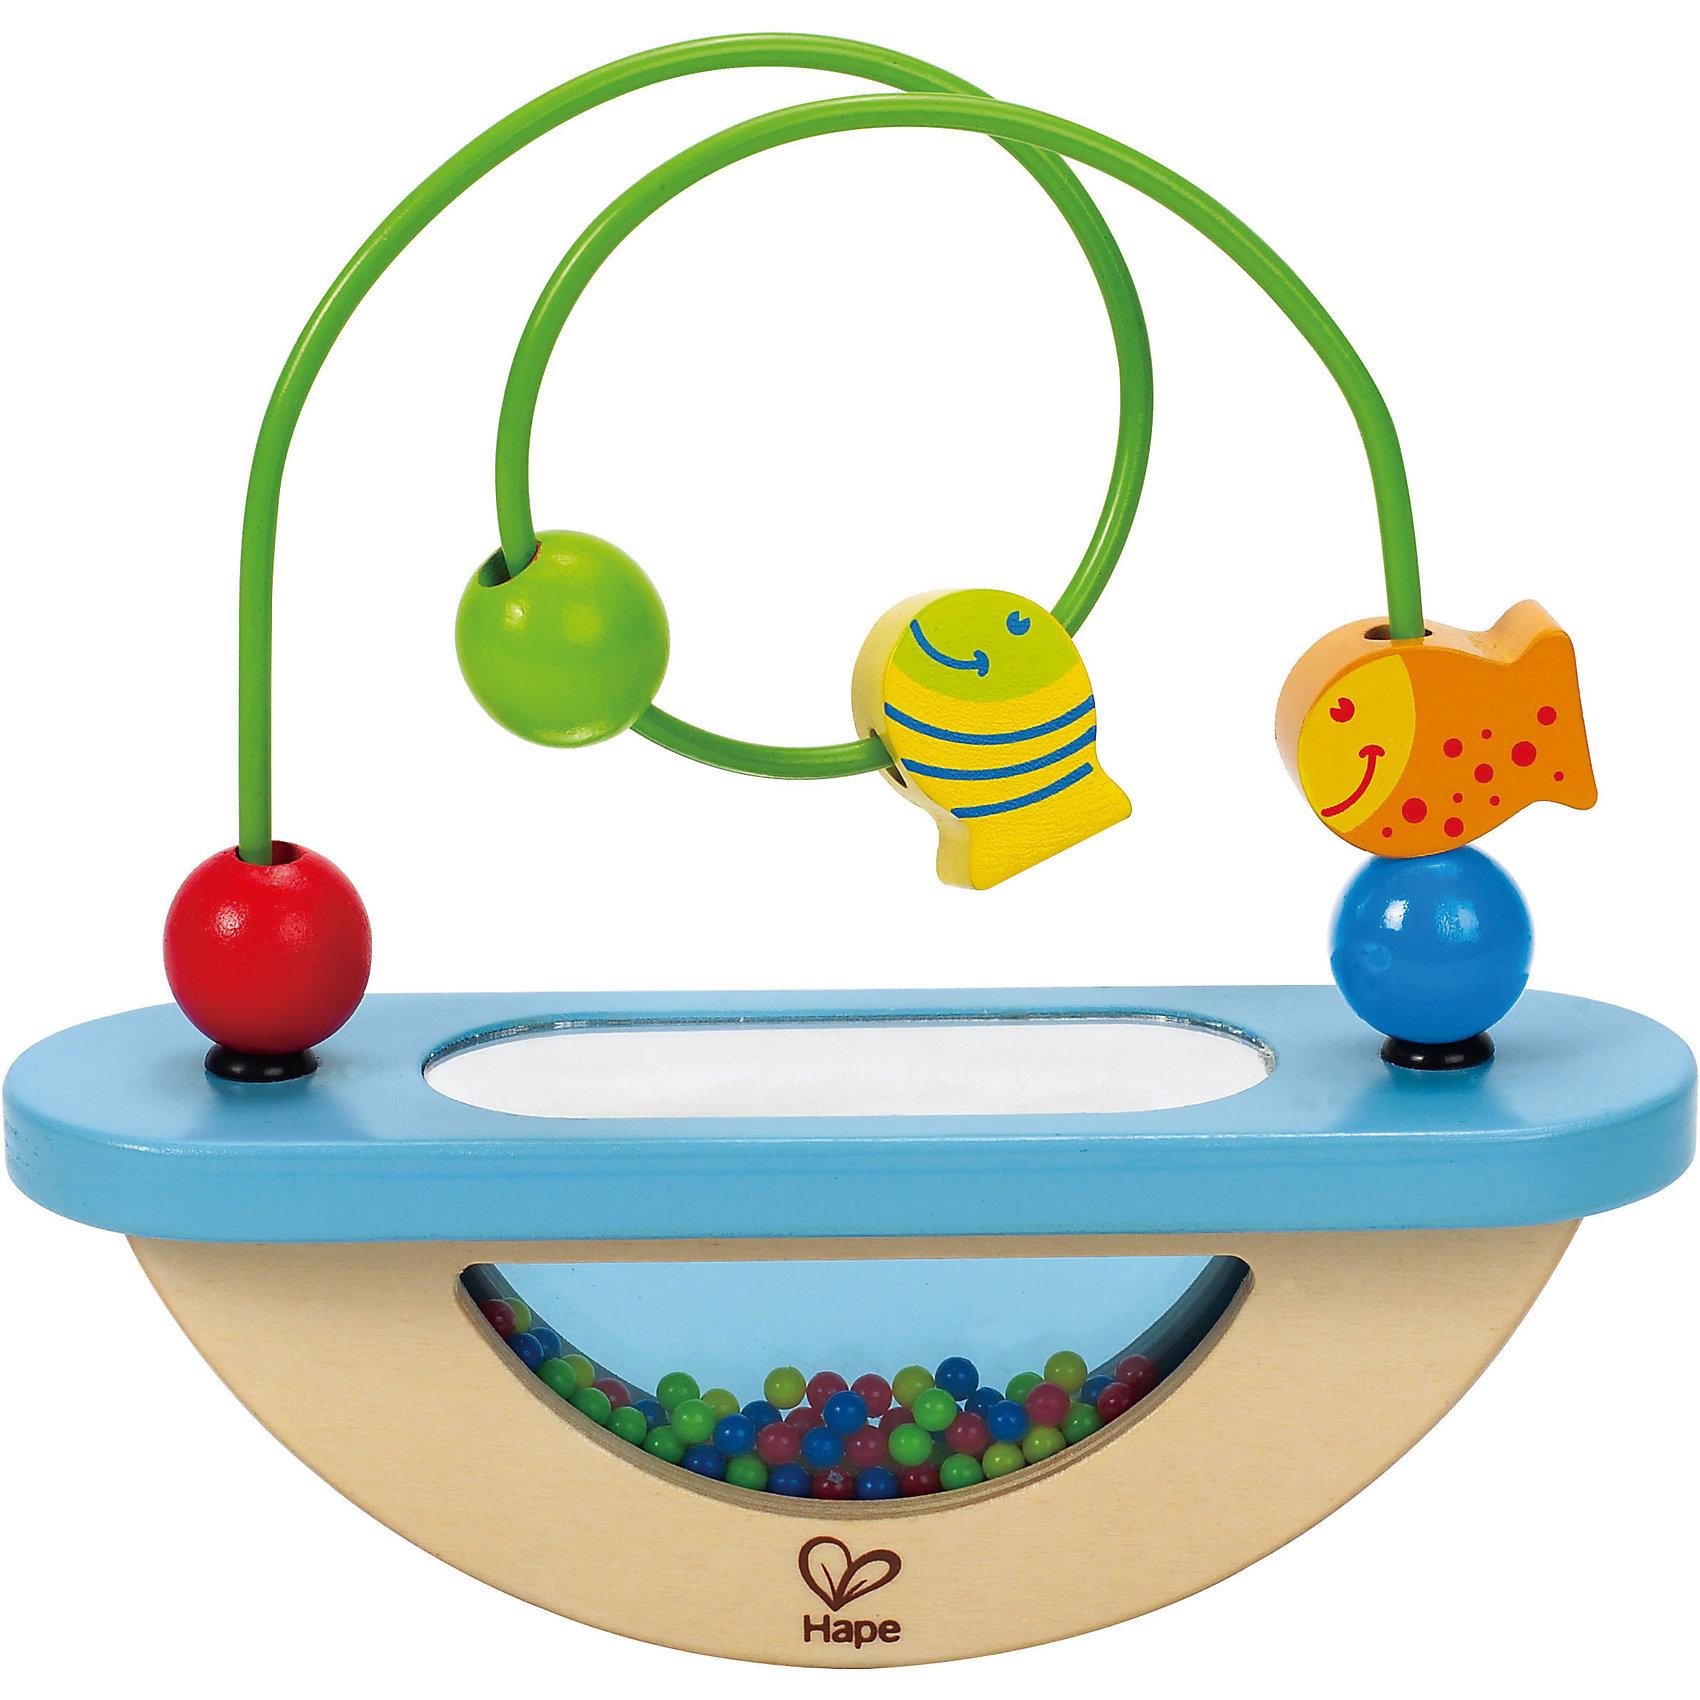 Hape Развивающая игрушка Лабиринт, Hape в каком магазине в бибирево можно купить дшево косметику dbib